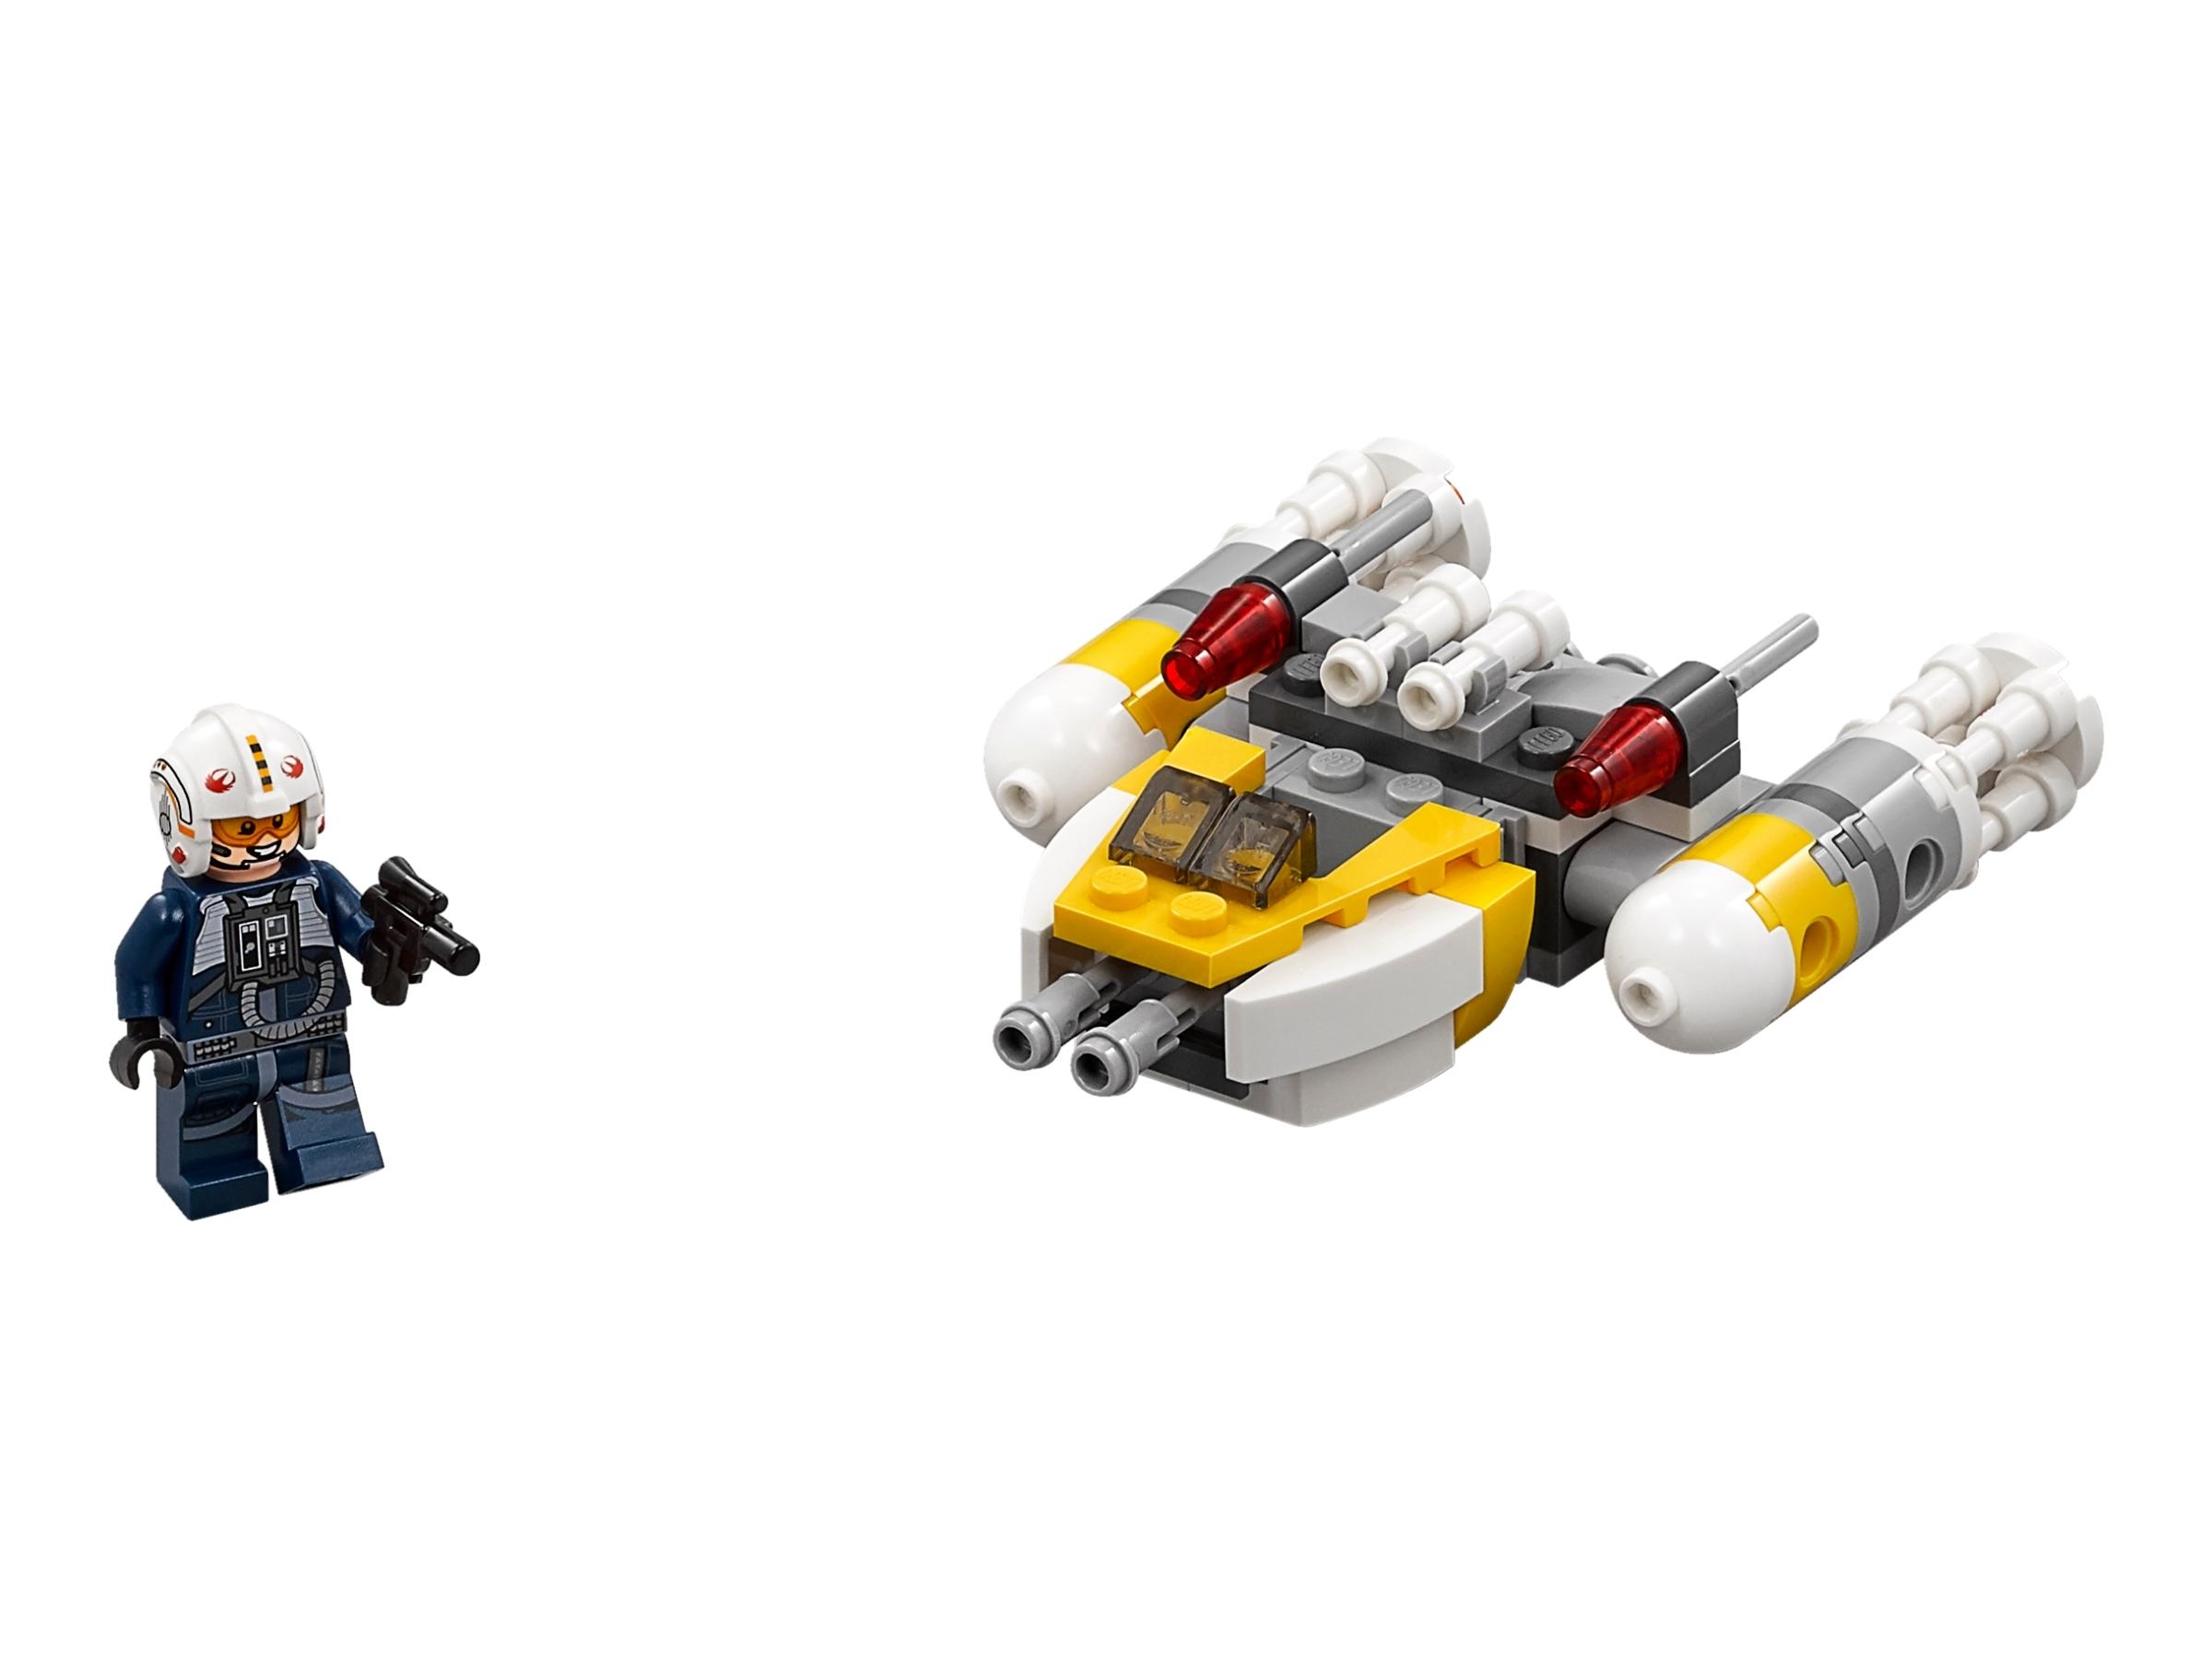 lego y wing microfighter 75162